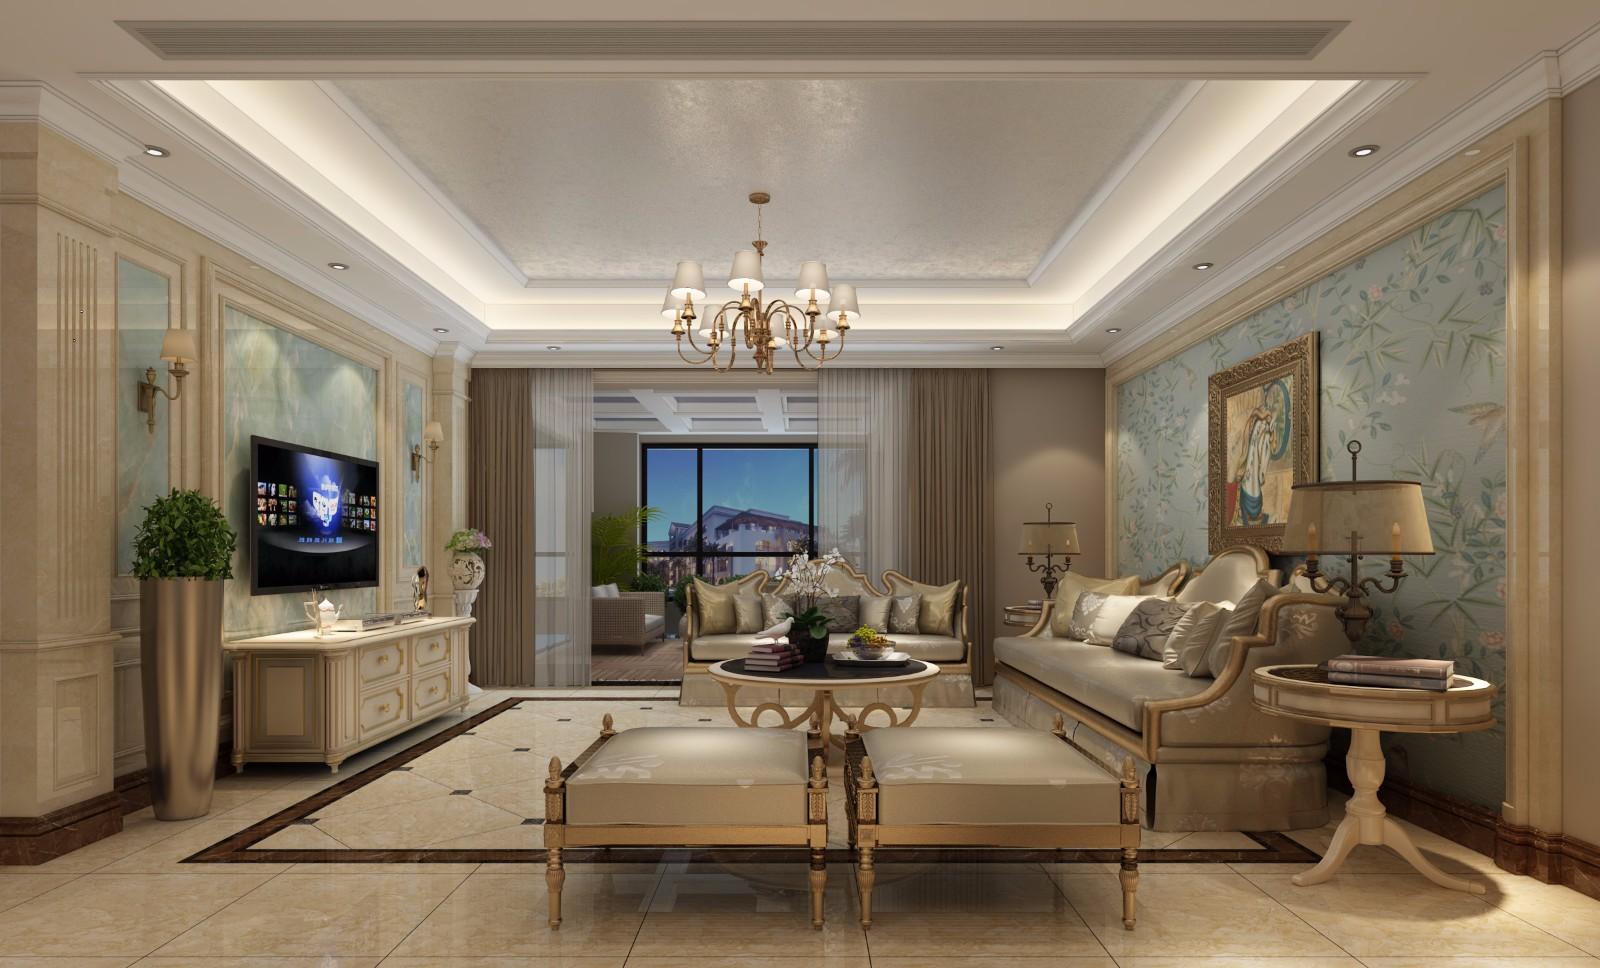 2020現代歐式240平米裝修圖片 2020現代歐式別墅裝飾設計